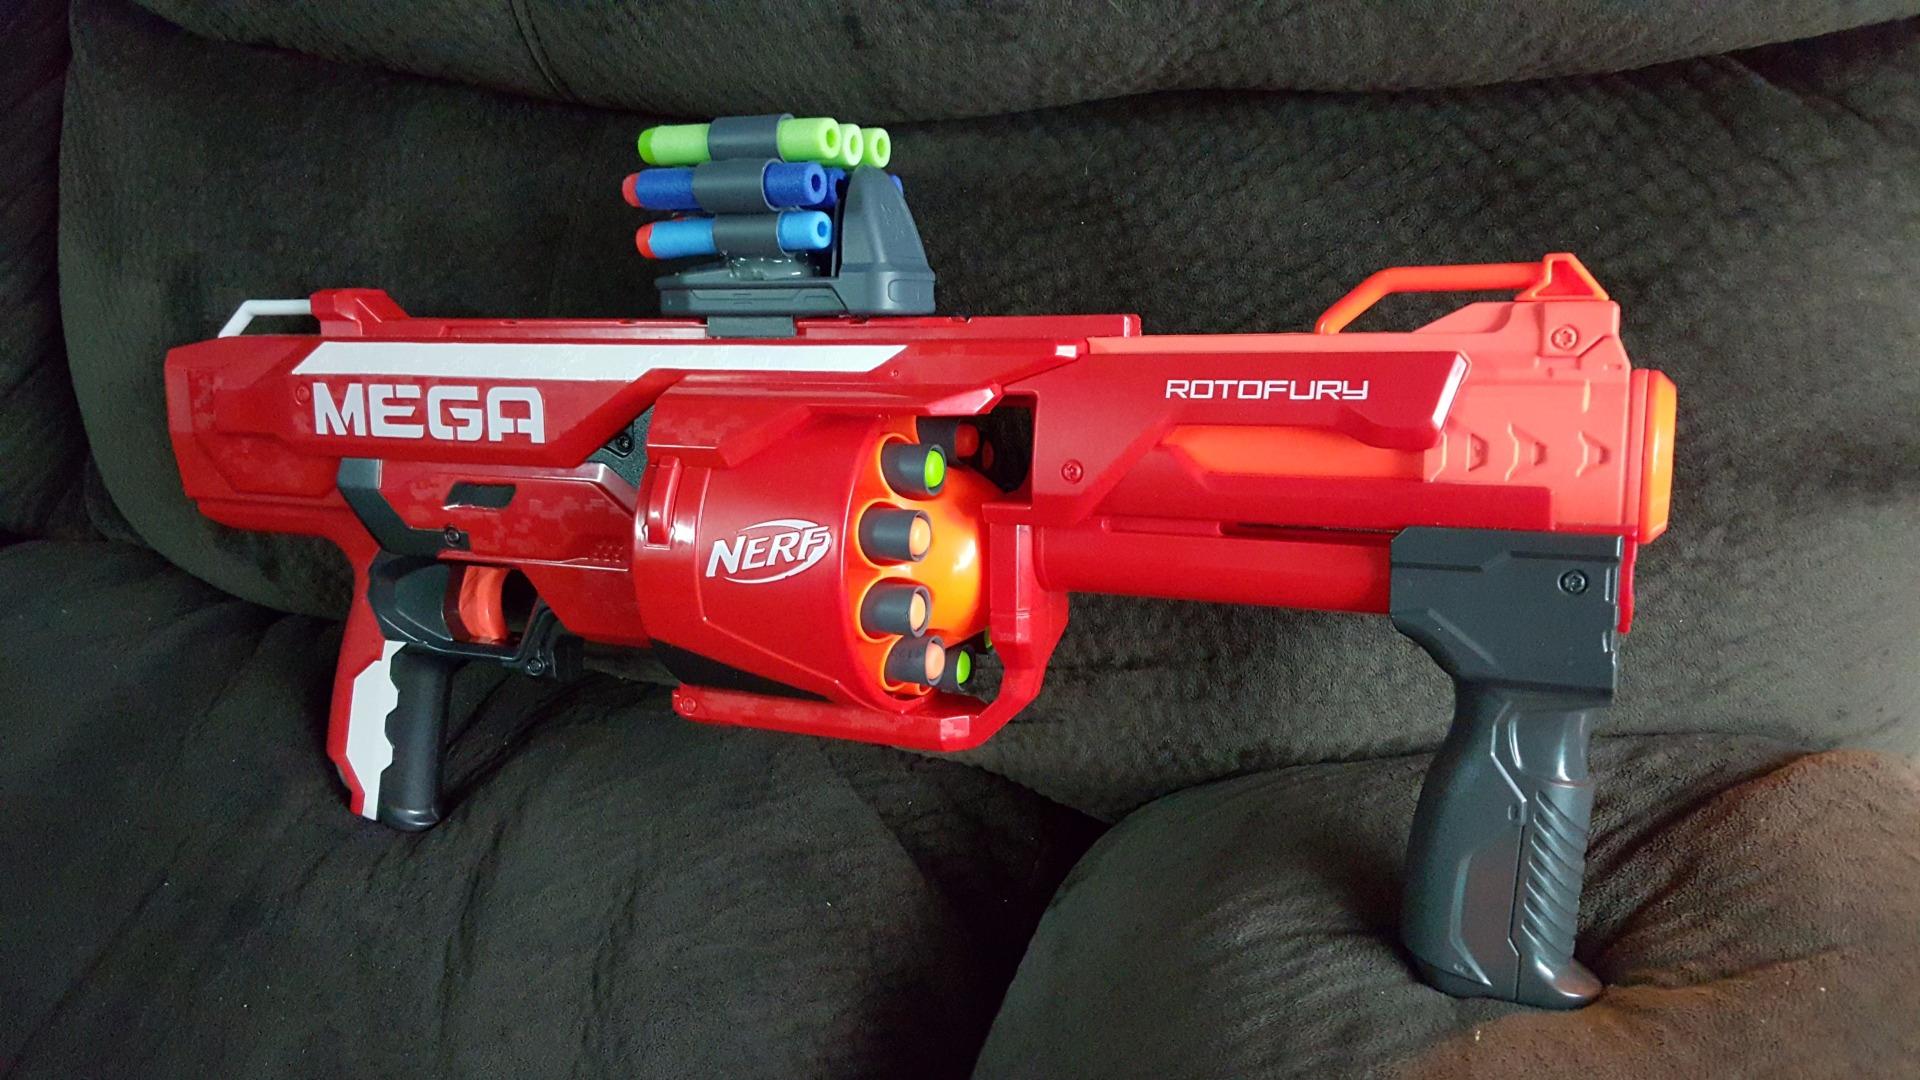 Picture of Modify Nerf Mega Rotofury to Shoot Elite Darts